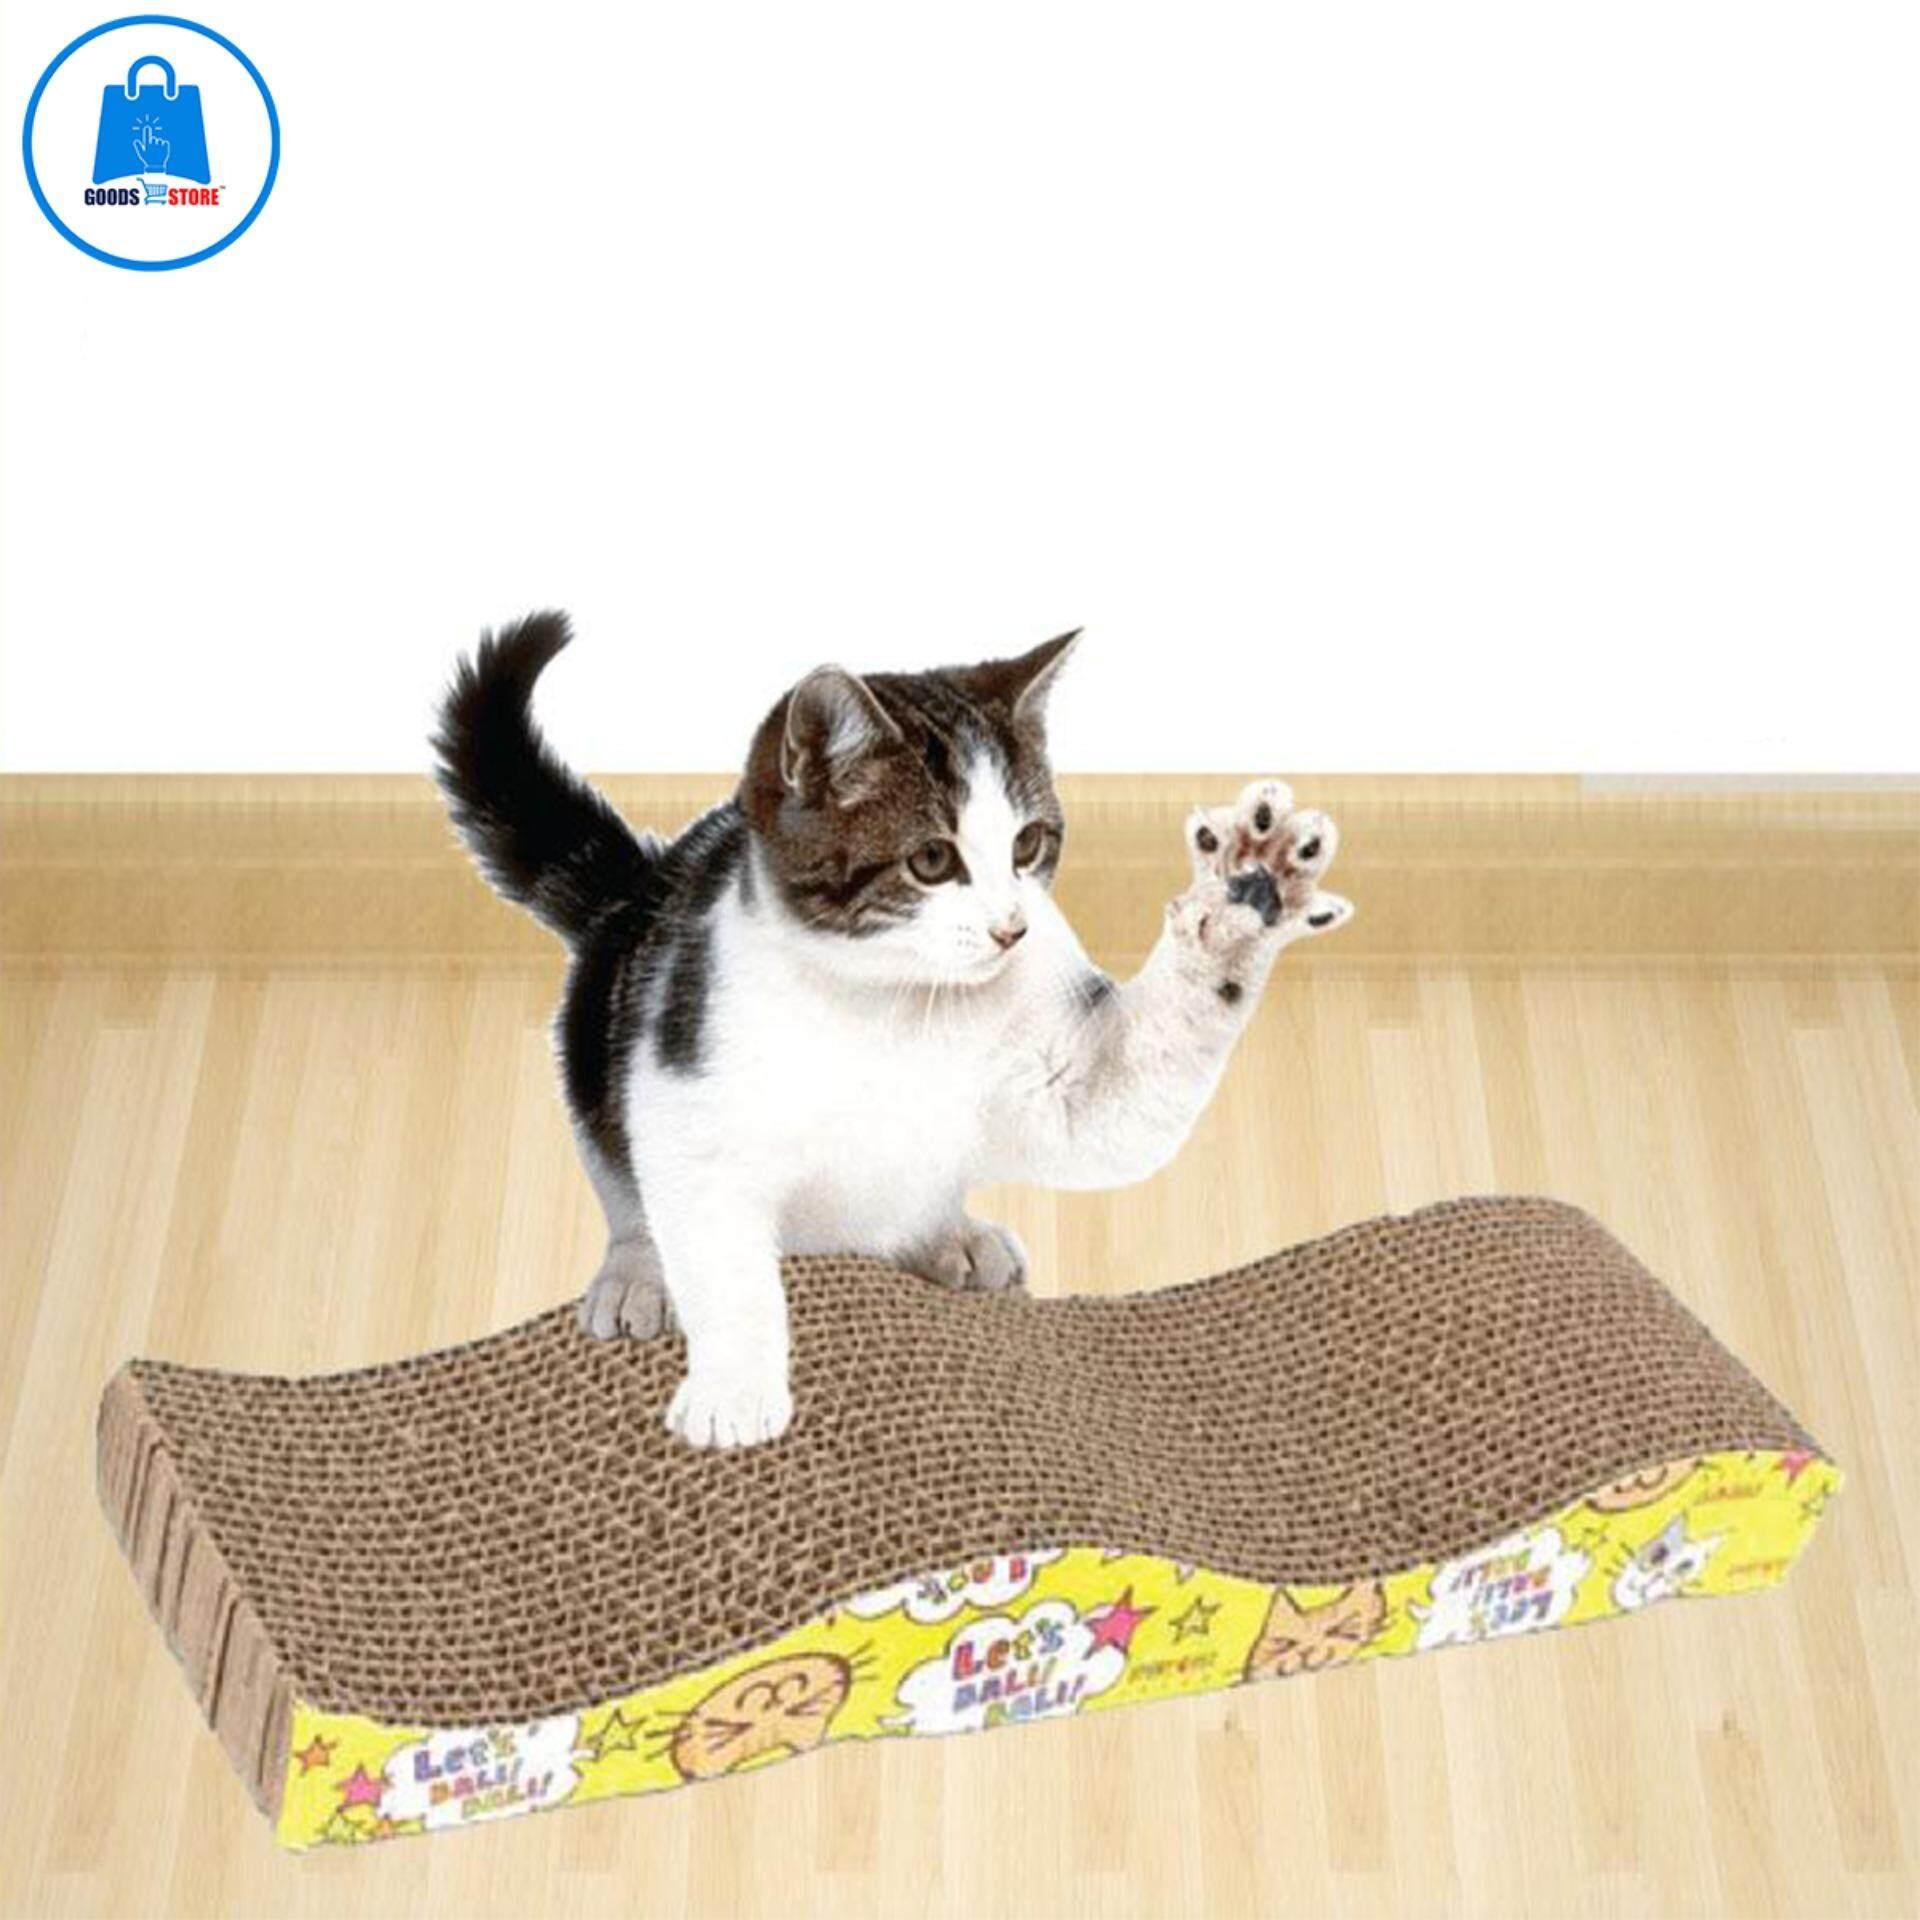 ที่ลับเล็บแมวกระดาษลูกฟูก ฟรีหญ้าแมว(แคทนิป) By Goodsstoreonline.